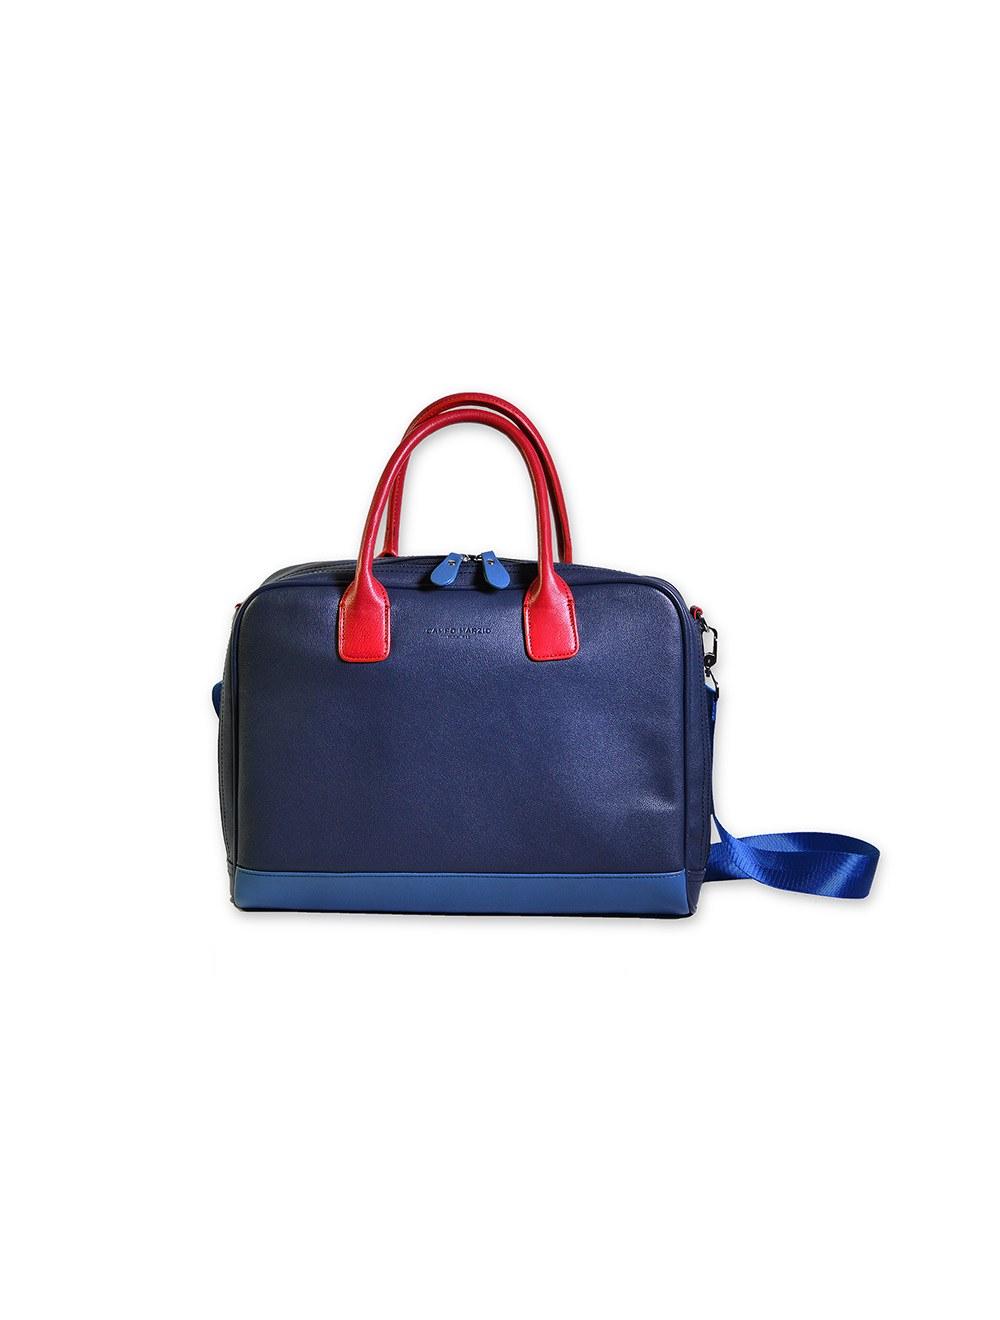 Moda Eco Computer Bag - Ocean Blue